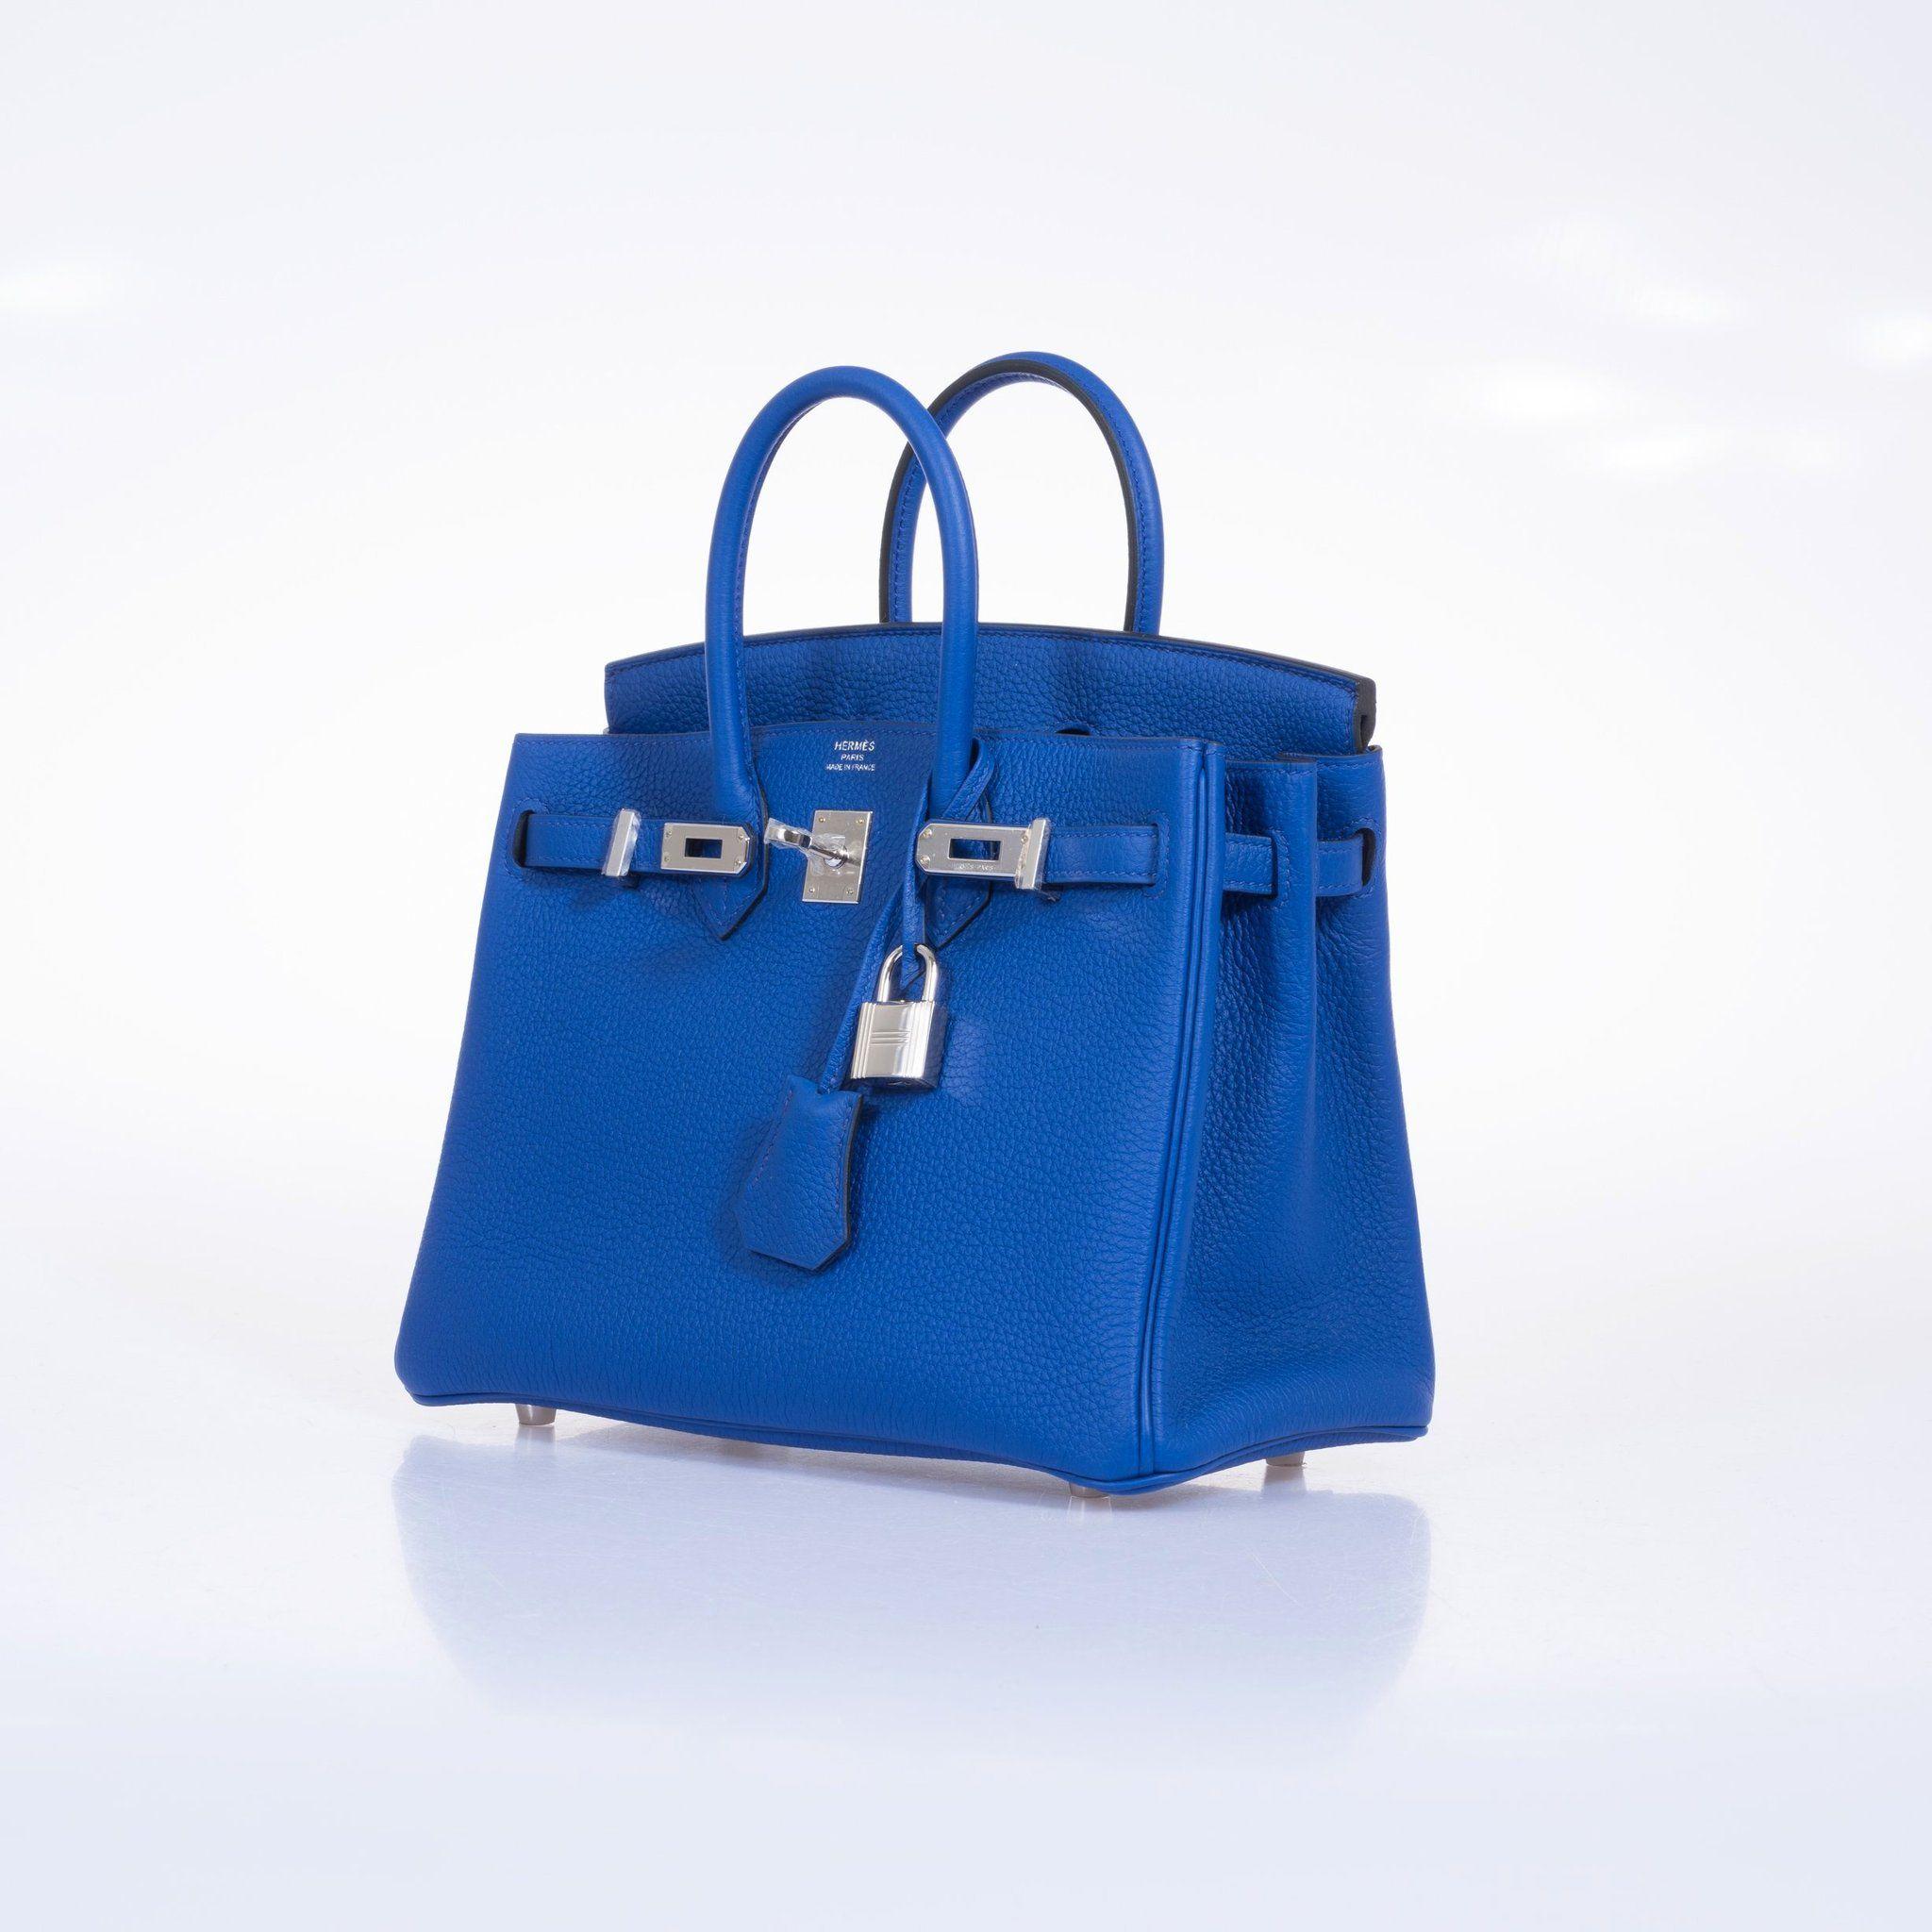 8069d87cde8 Hermes Birkin 25 Blue Electric Togo Palladium Hardware – JaneFinds